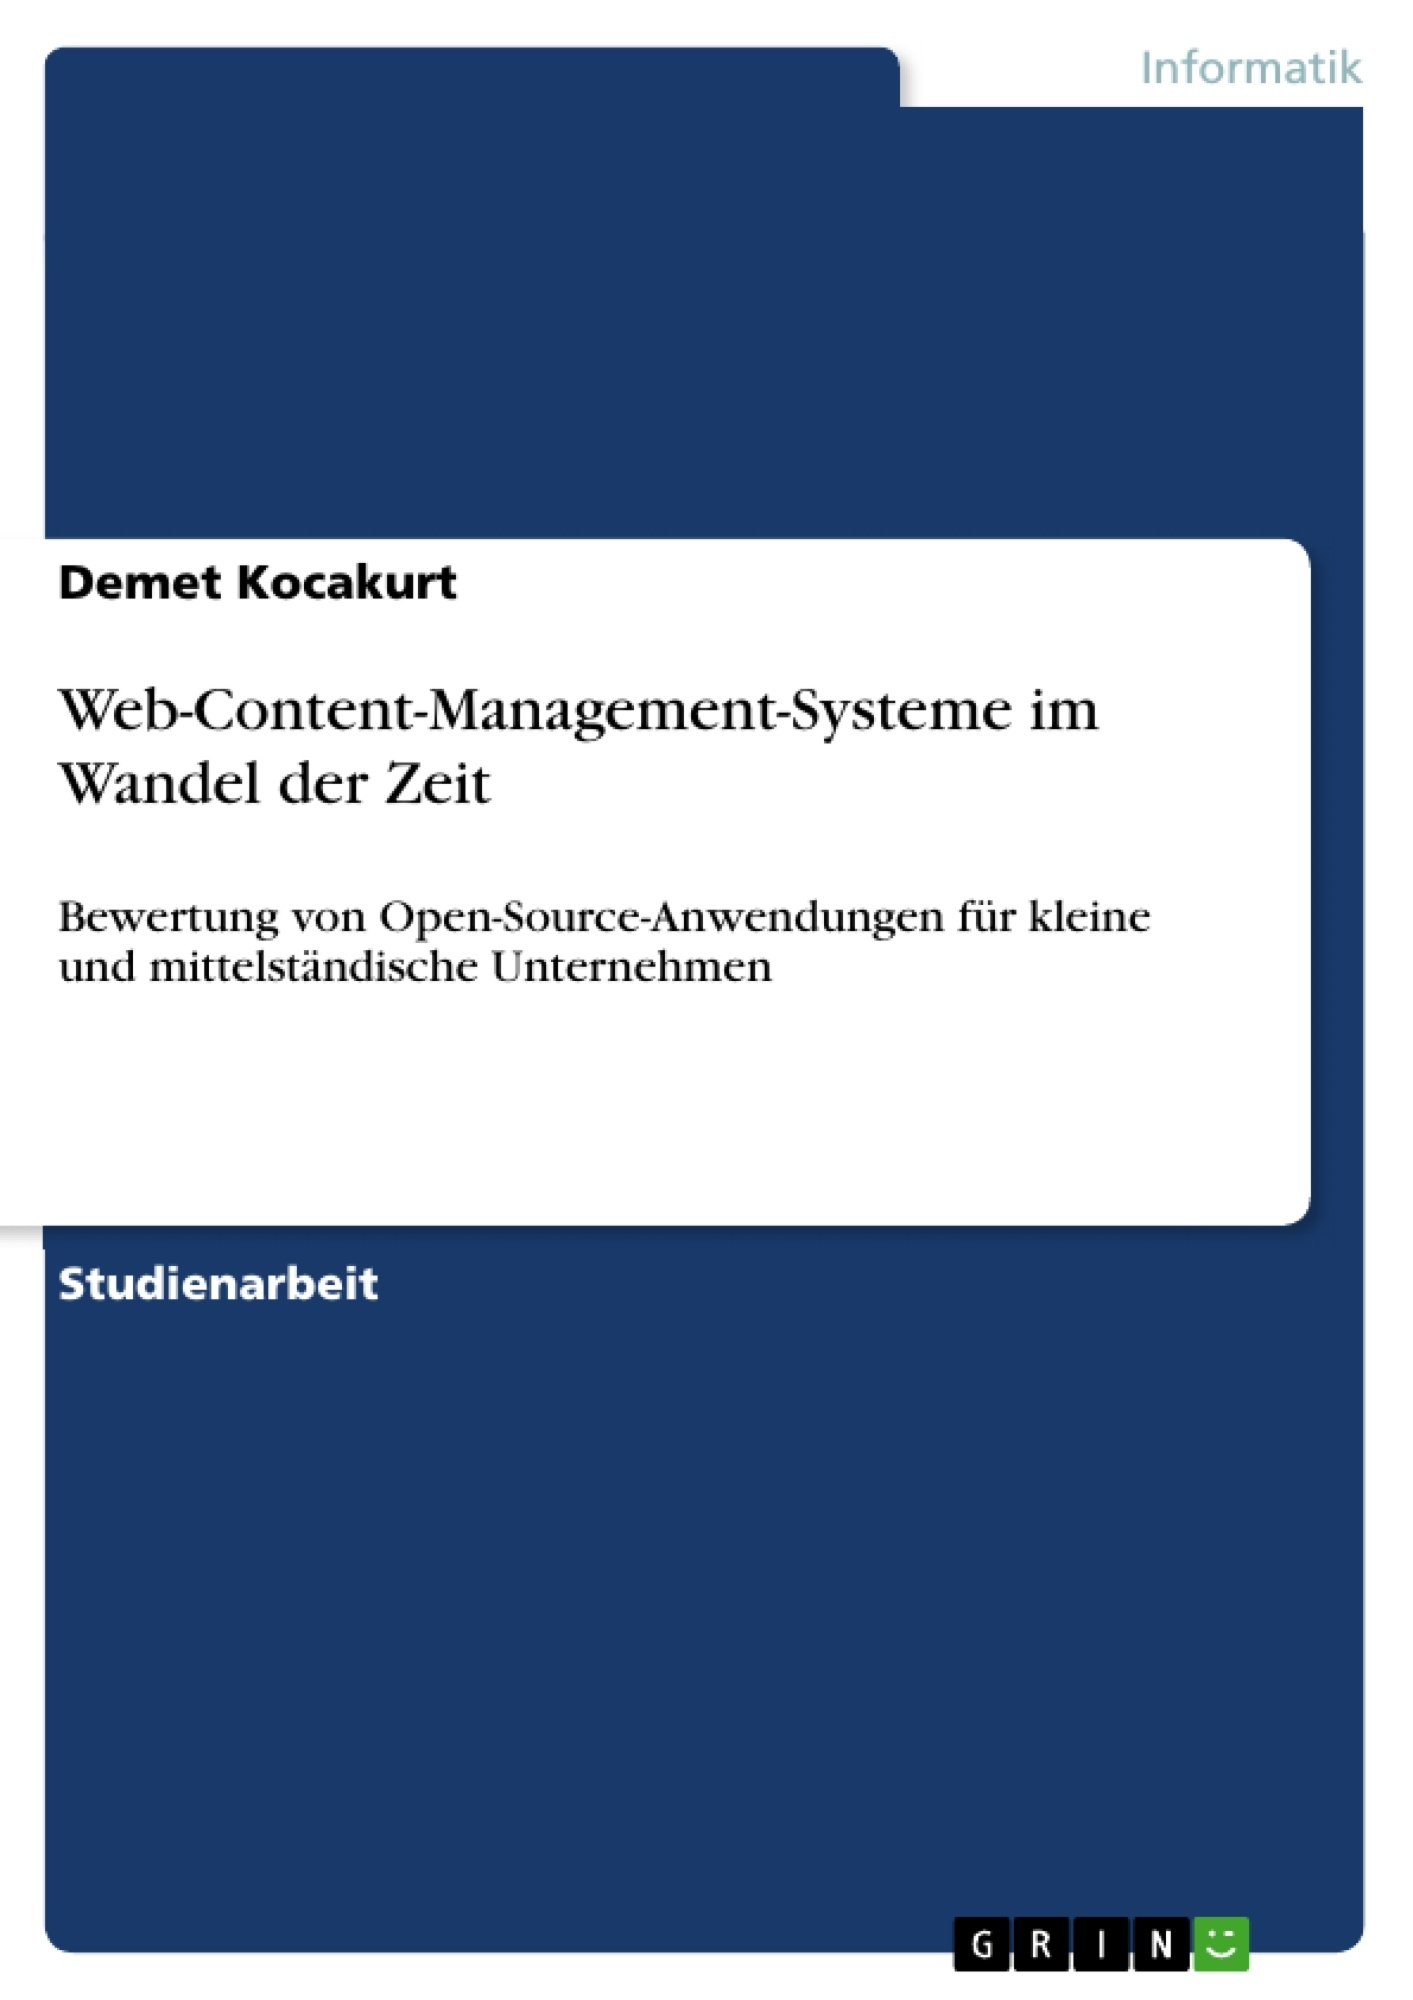 Titel: Web-Content-Management-Systeme im Wandel der Zeit